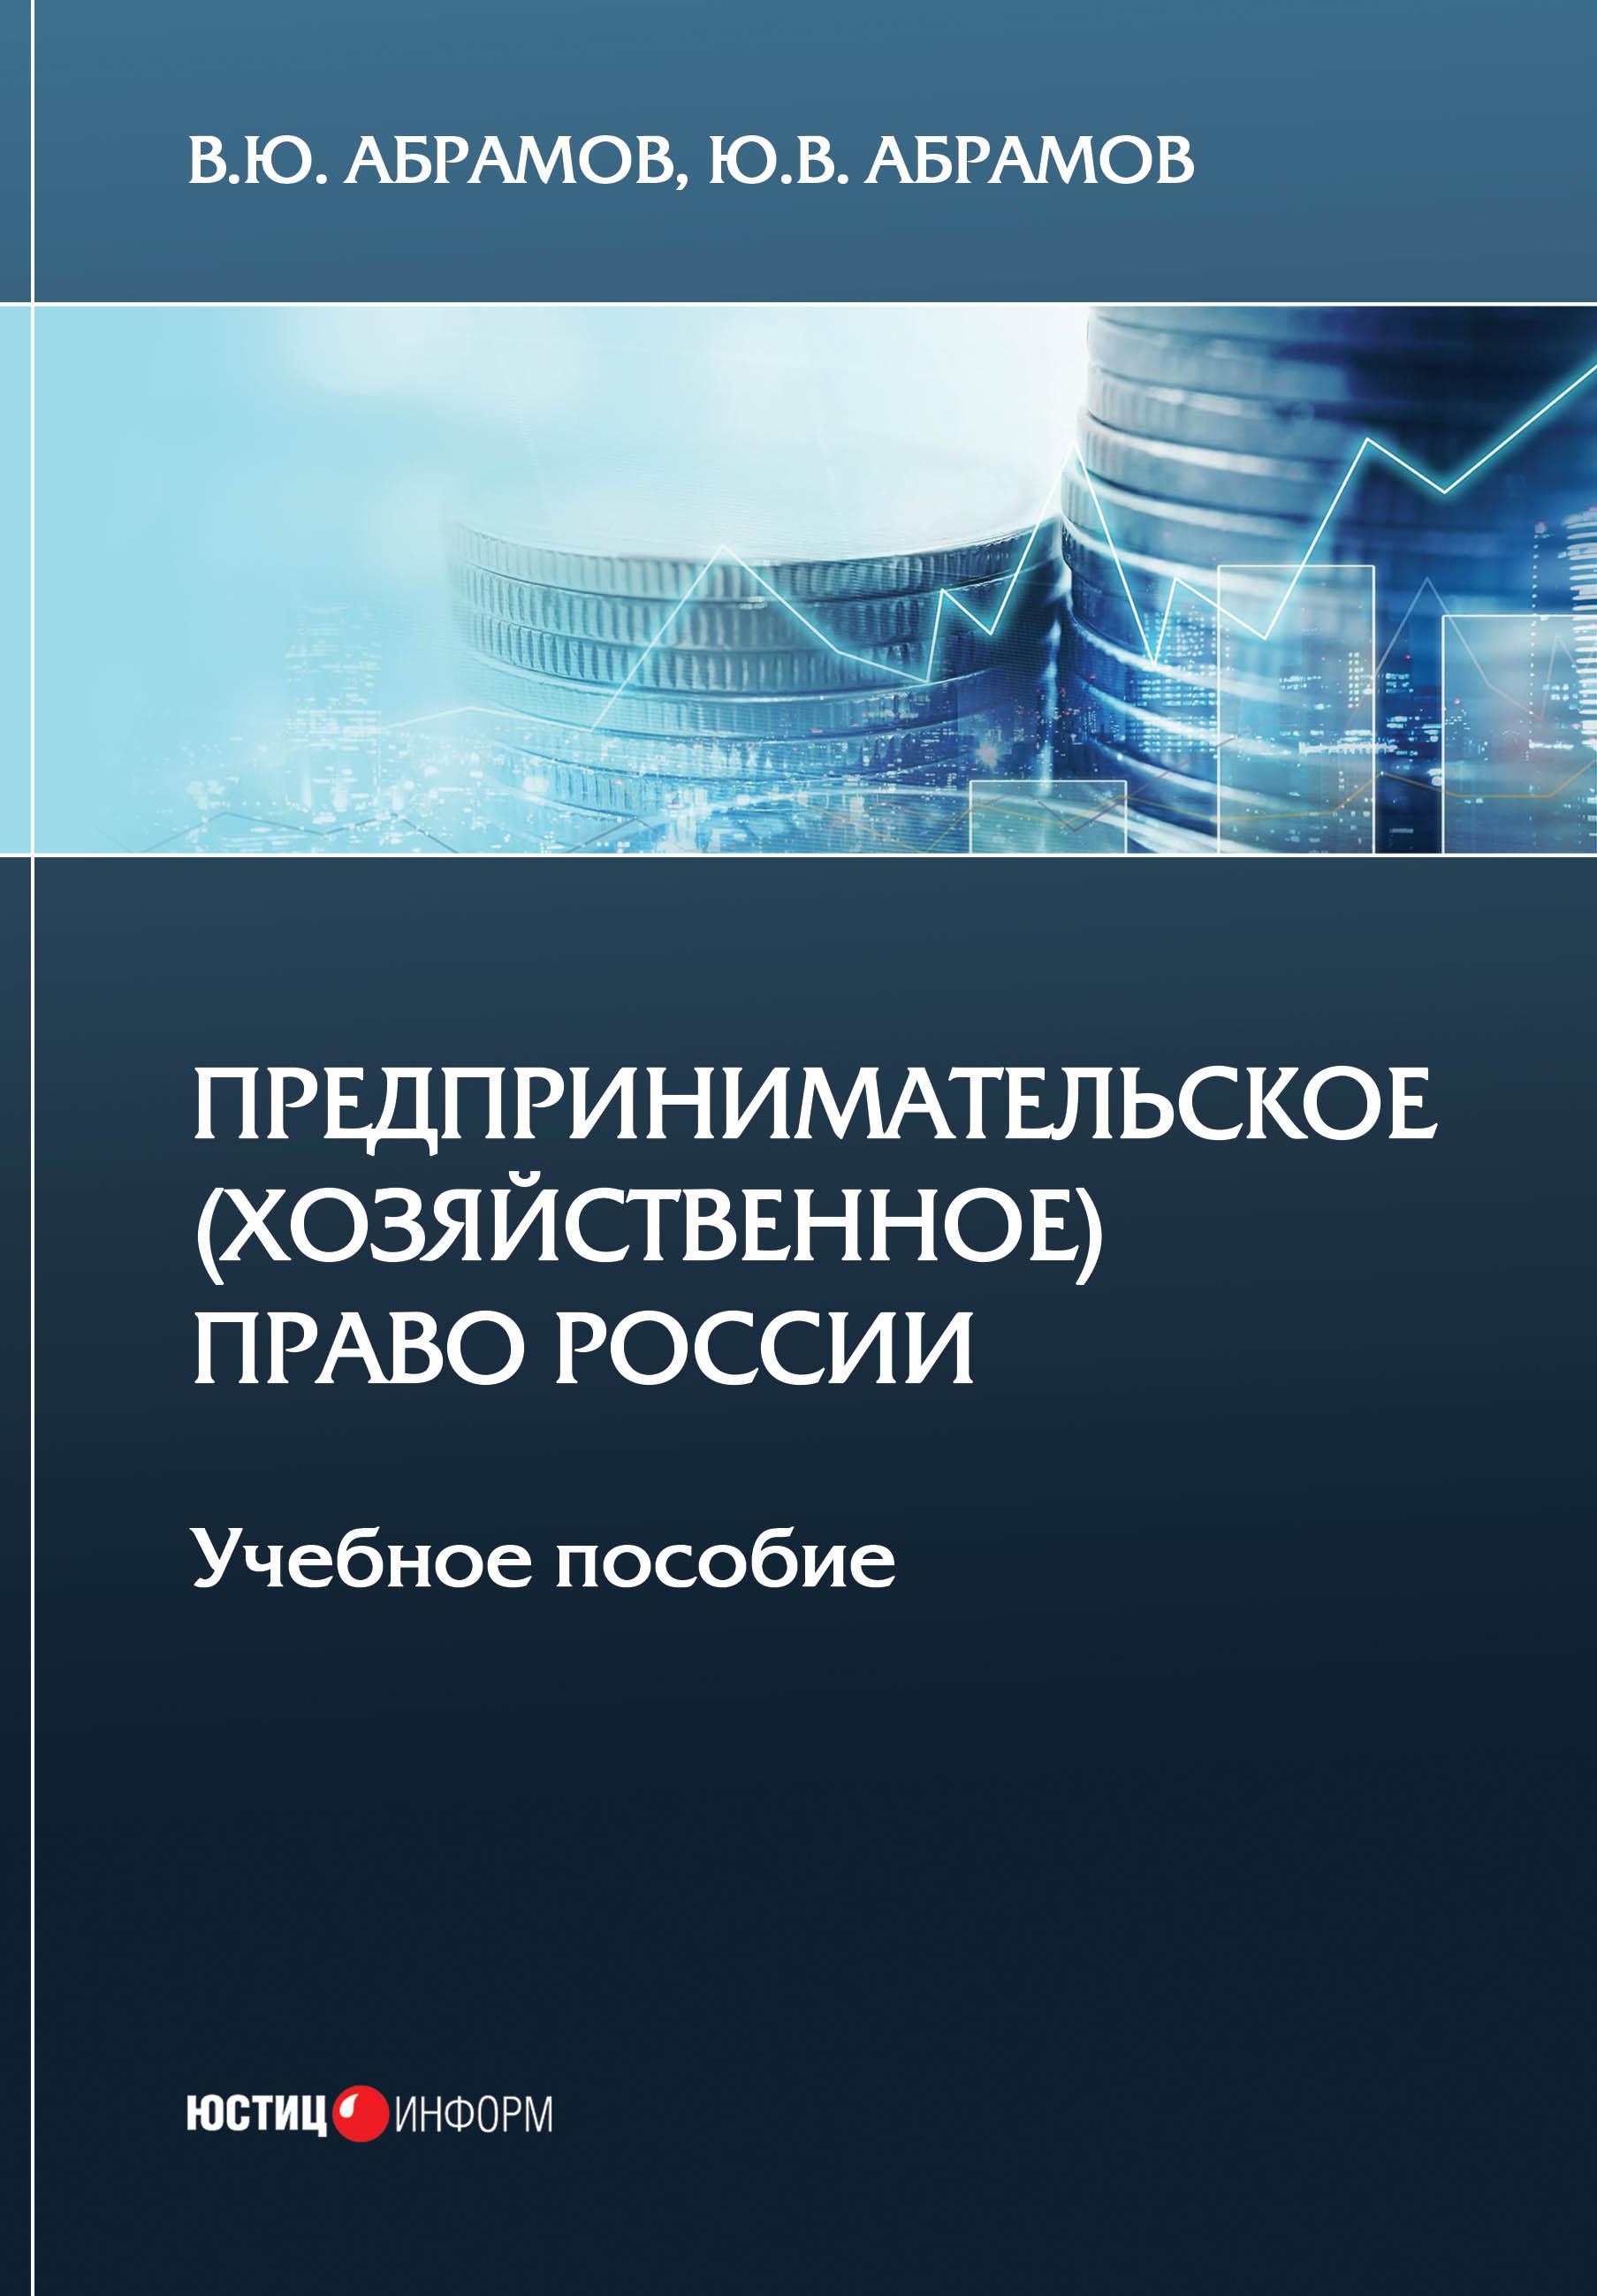 Предпринимательское (хозяйственное) право России ( В. Ю. Абрамов  )